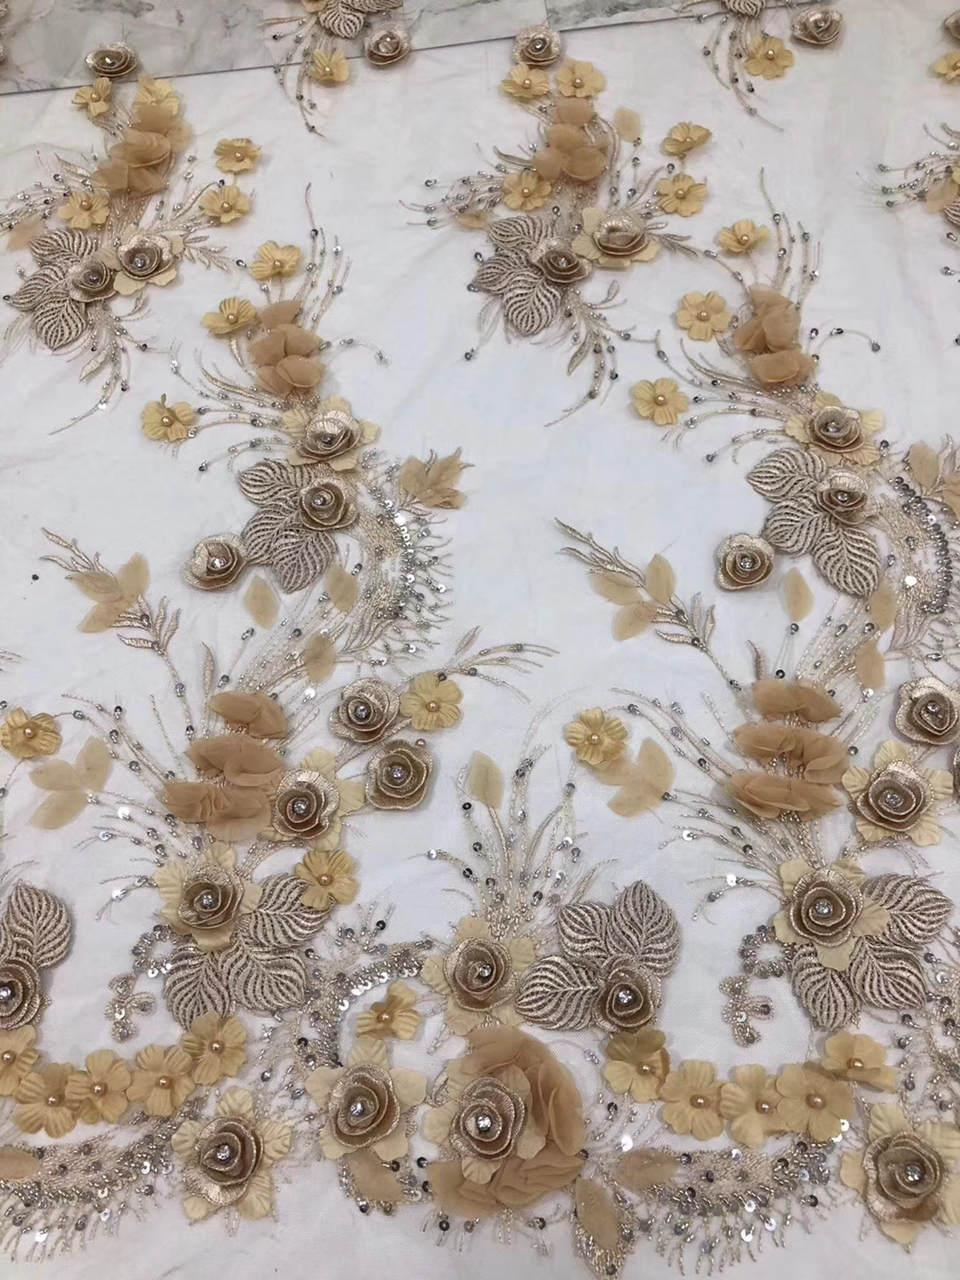 Gran diamante bordado de malla de oro tul tela de encaje patrón de flores  3d con cuentas de encaje africano telas con lentejuelas para boda DS670